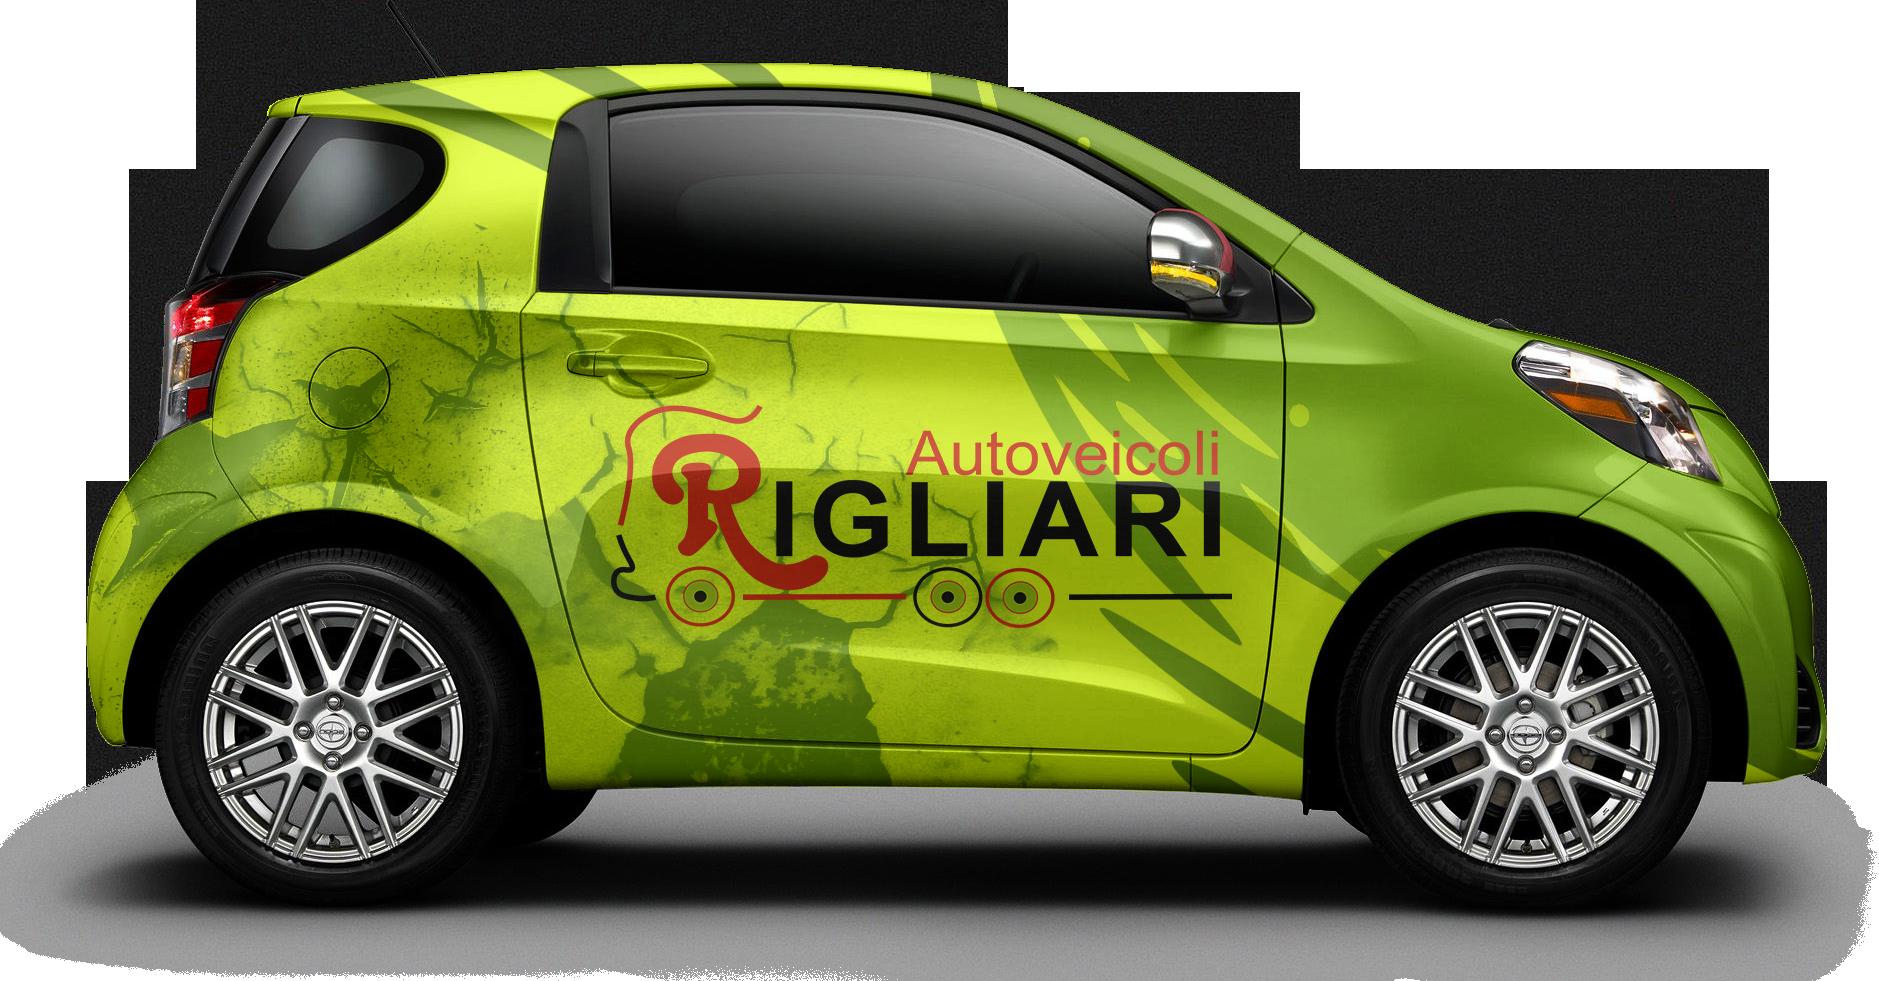 Rigliari Autoveicoli - Auto Nuove e Usate